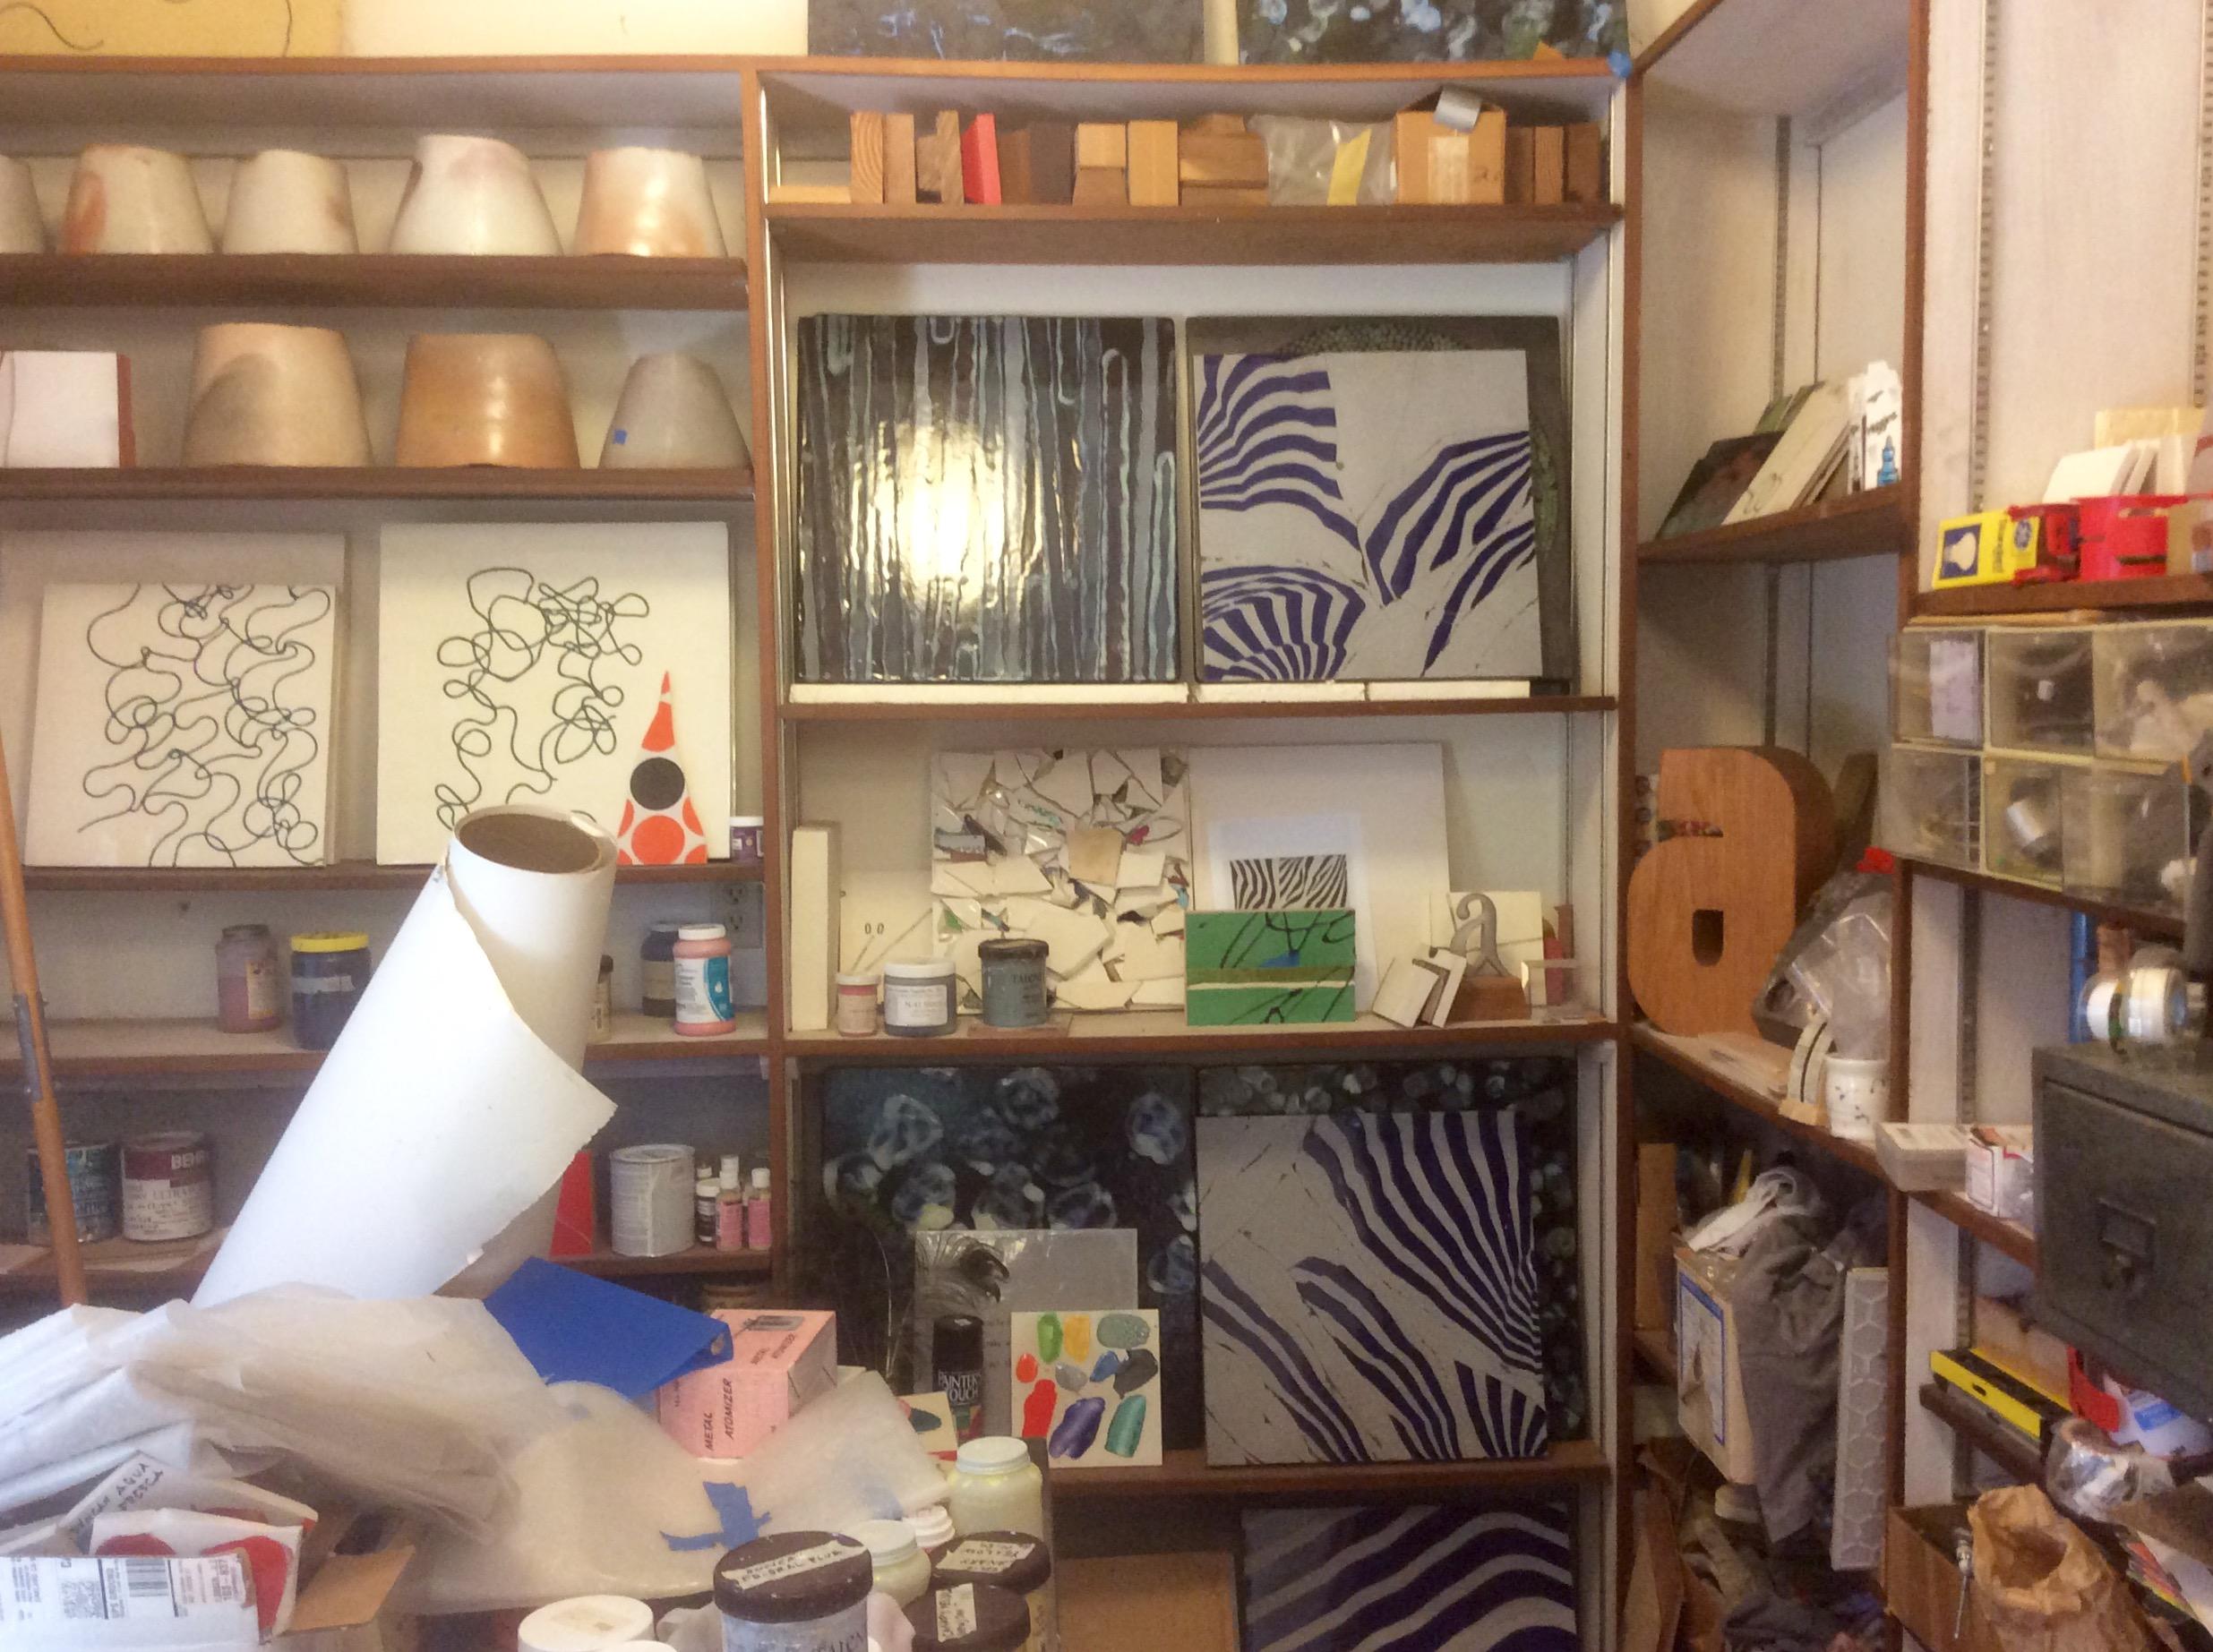 Melchert Studio. Photo by John Held, Jr.